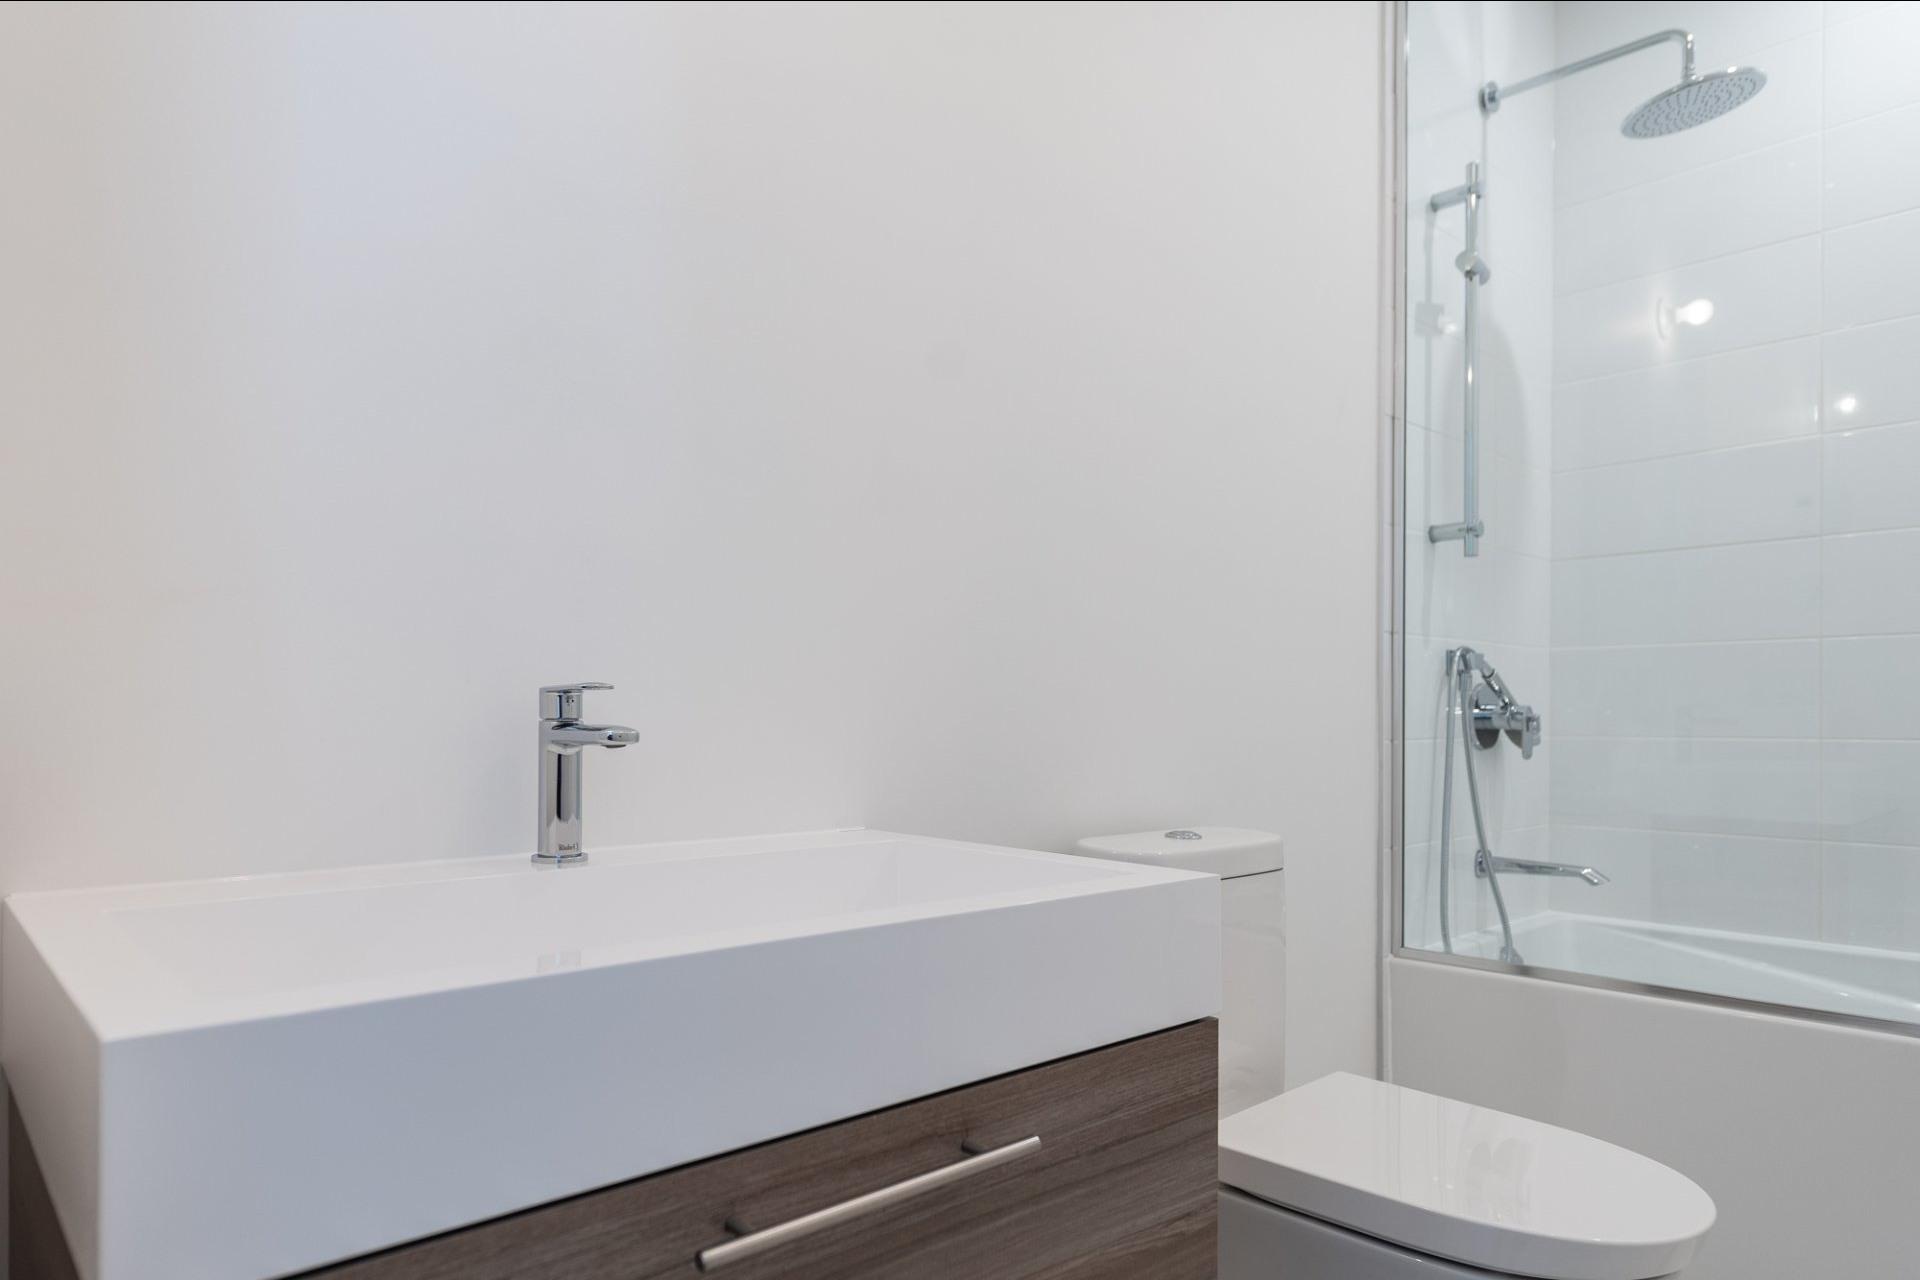 image 11 - Appartement À louer Villeray/Saint-Michel/Parc-Extension Montréal  - 5 pièces